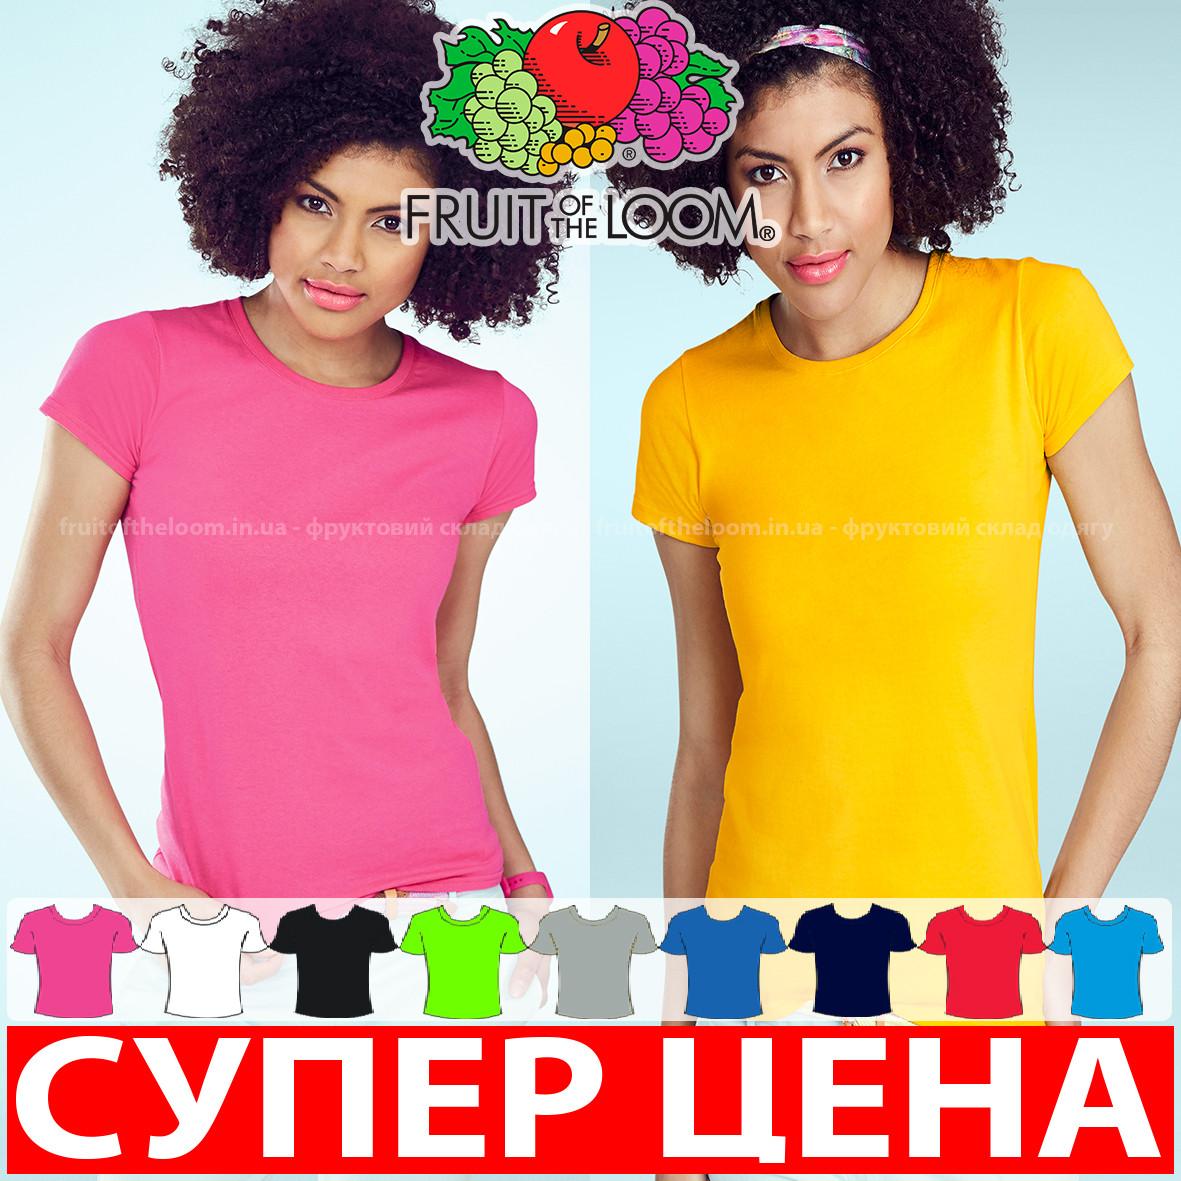 Женская футболка супер-мягкая 100% хлопок приталенная 61-414-0 - Fruit of the loom  в Ровно